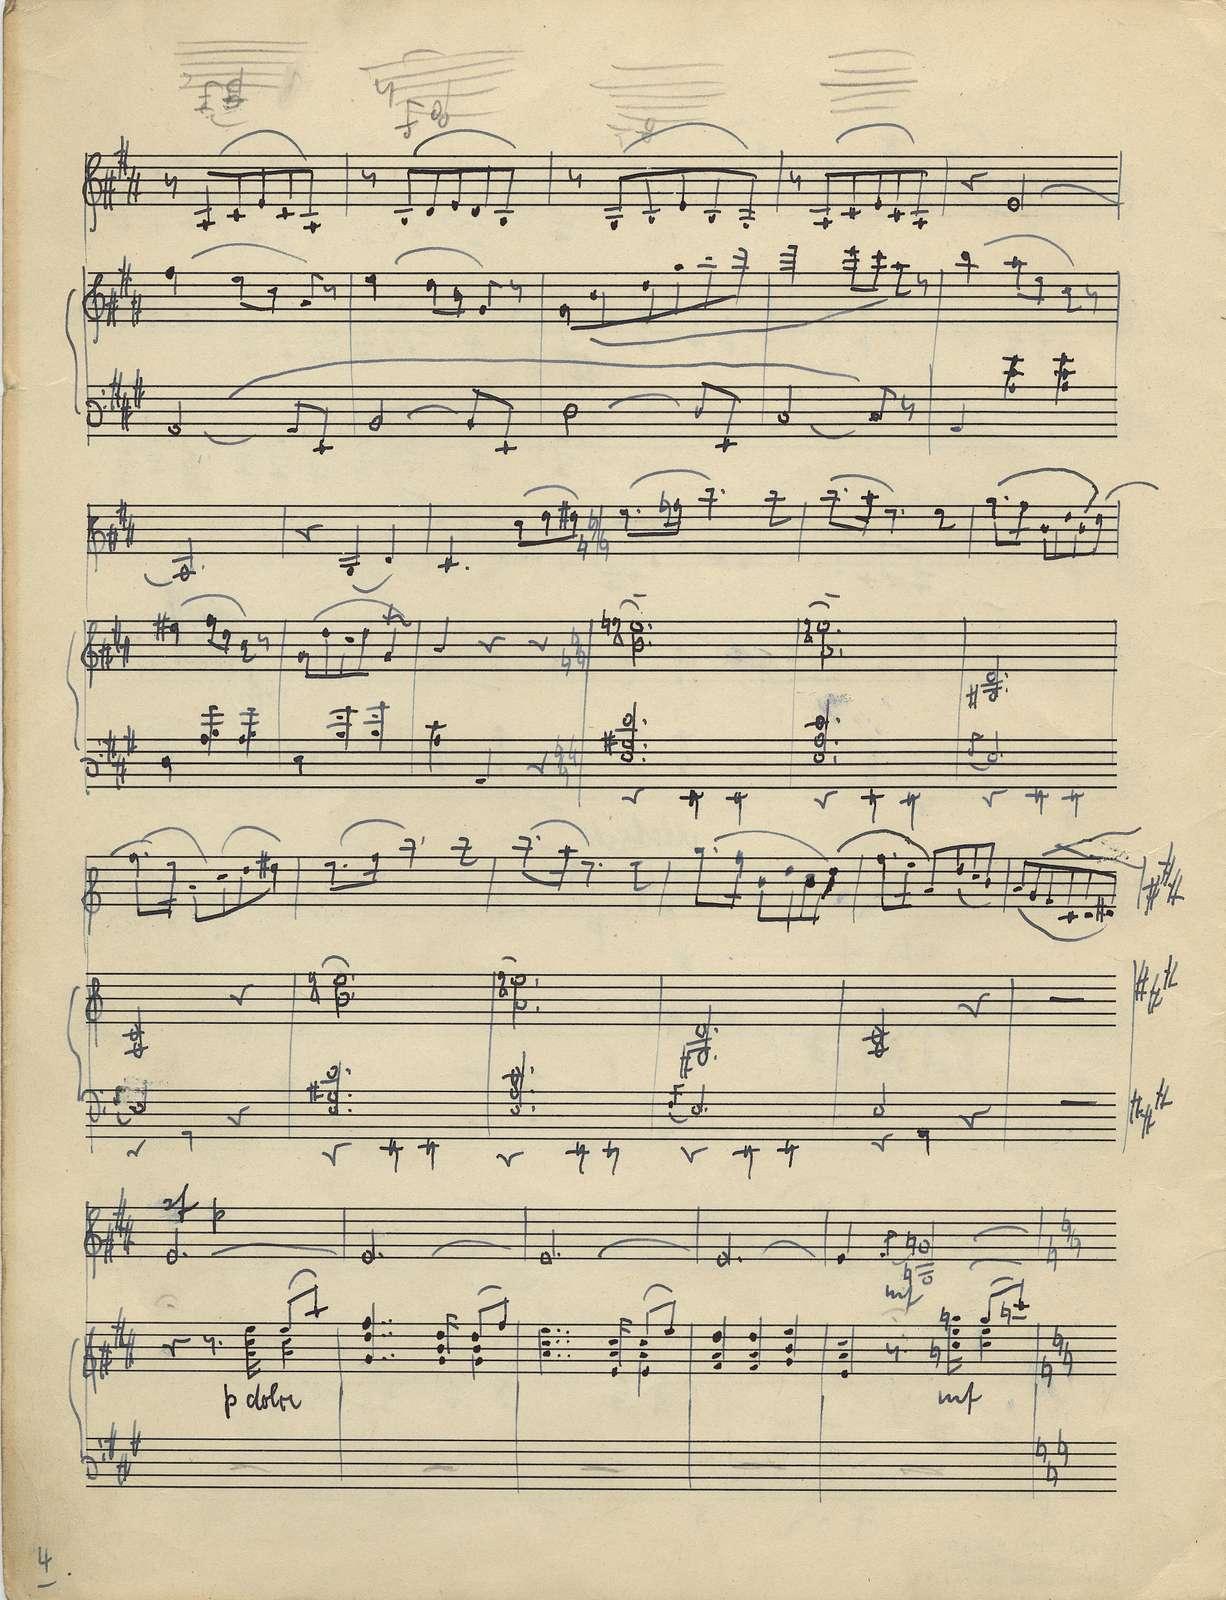 Schubert, Franz. Waltz op. 77